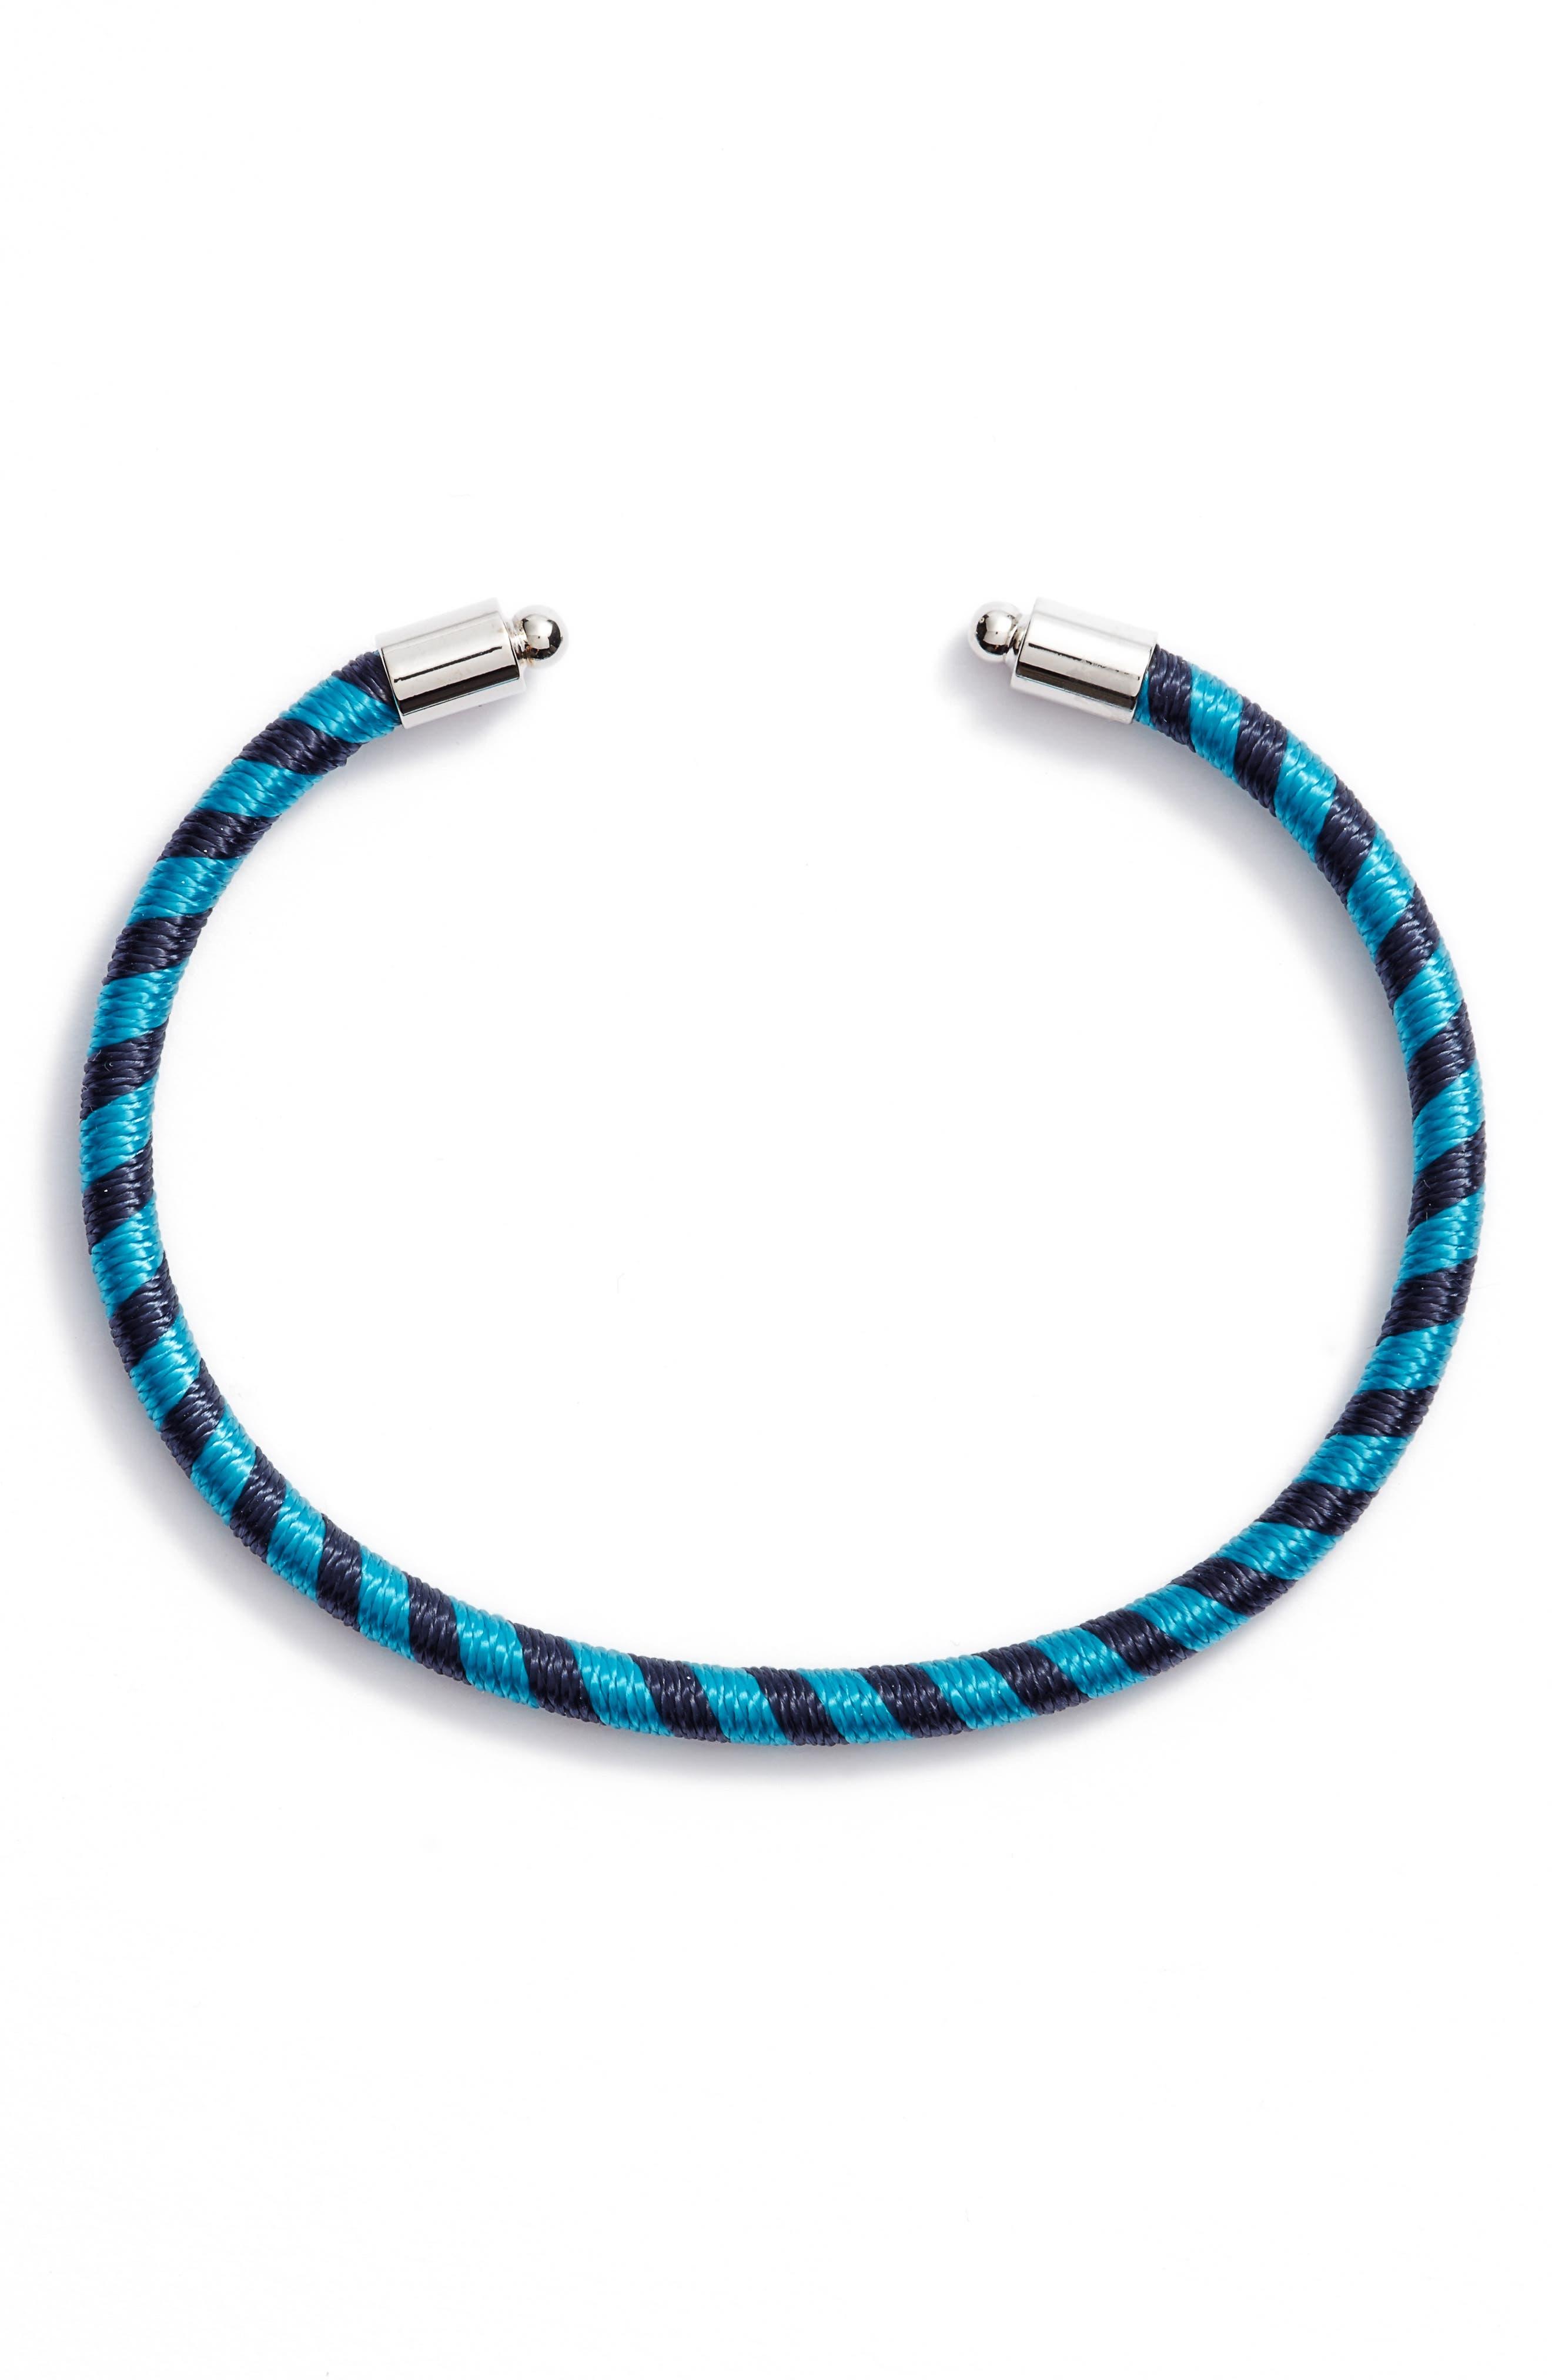 Alternate Image 1 Selected - Rebecca Minkoff Candy Stripe Cuff